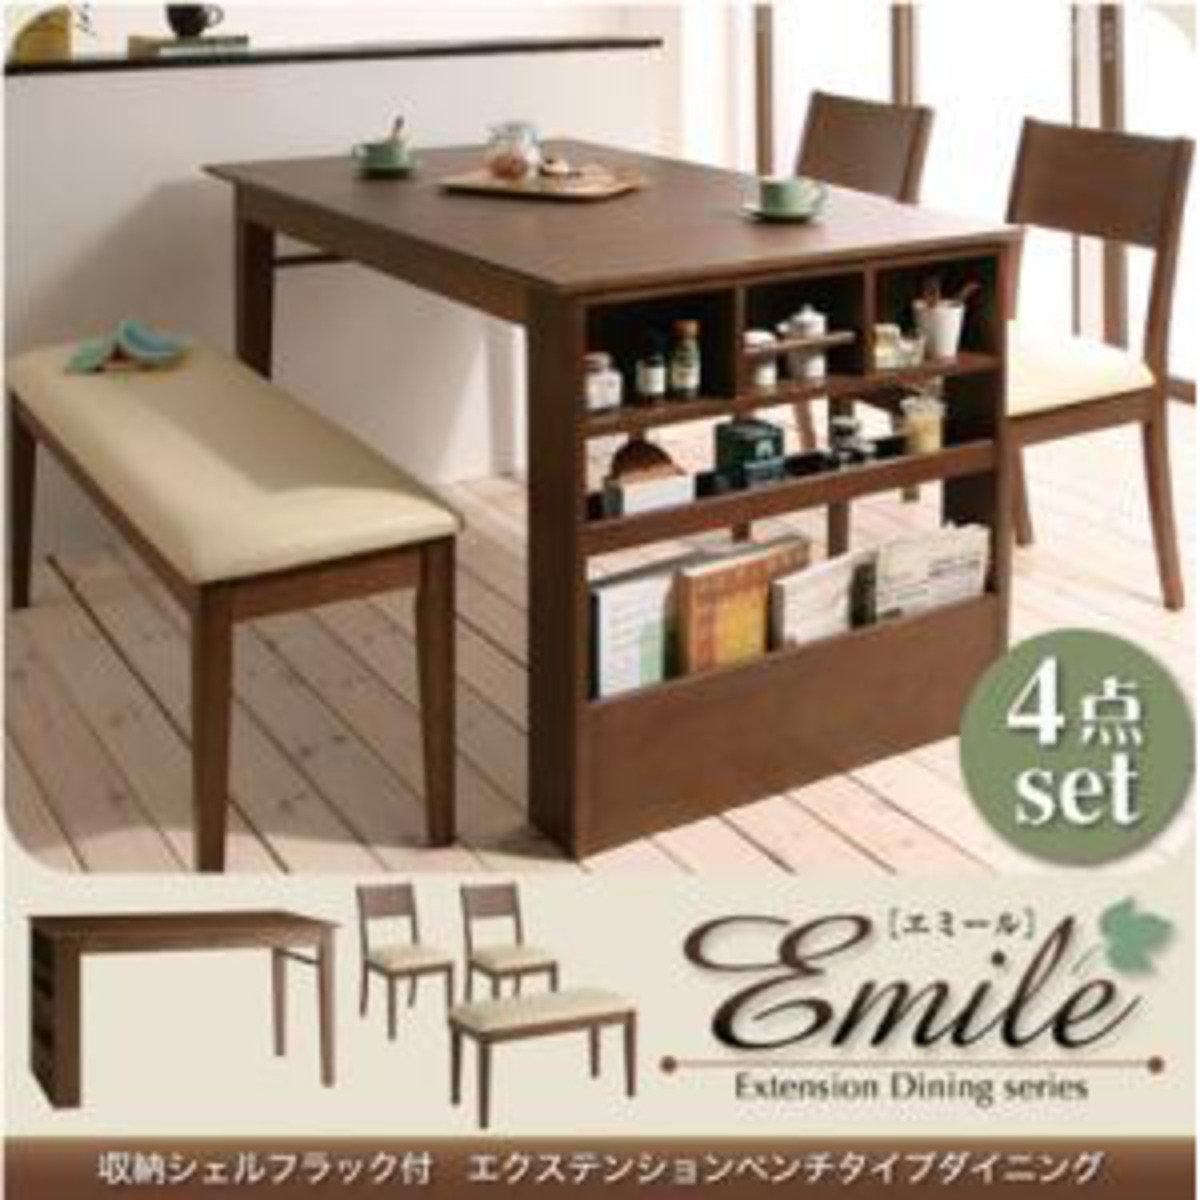 emile伸縮收納餐桌-4点